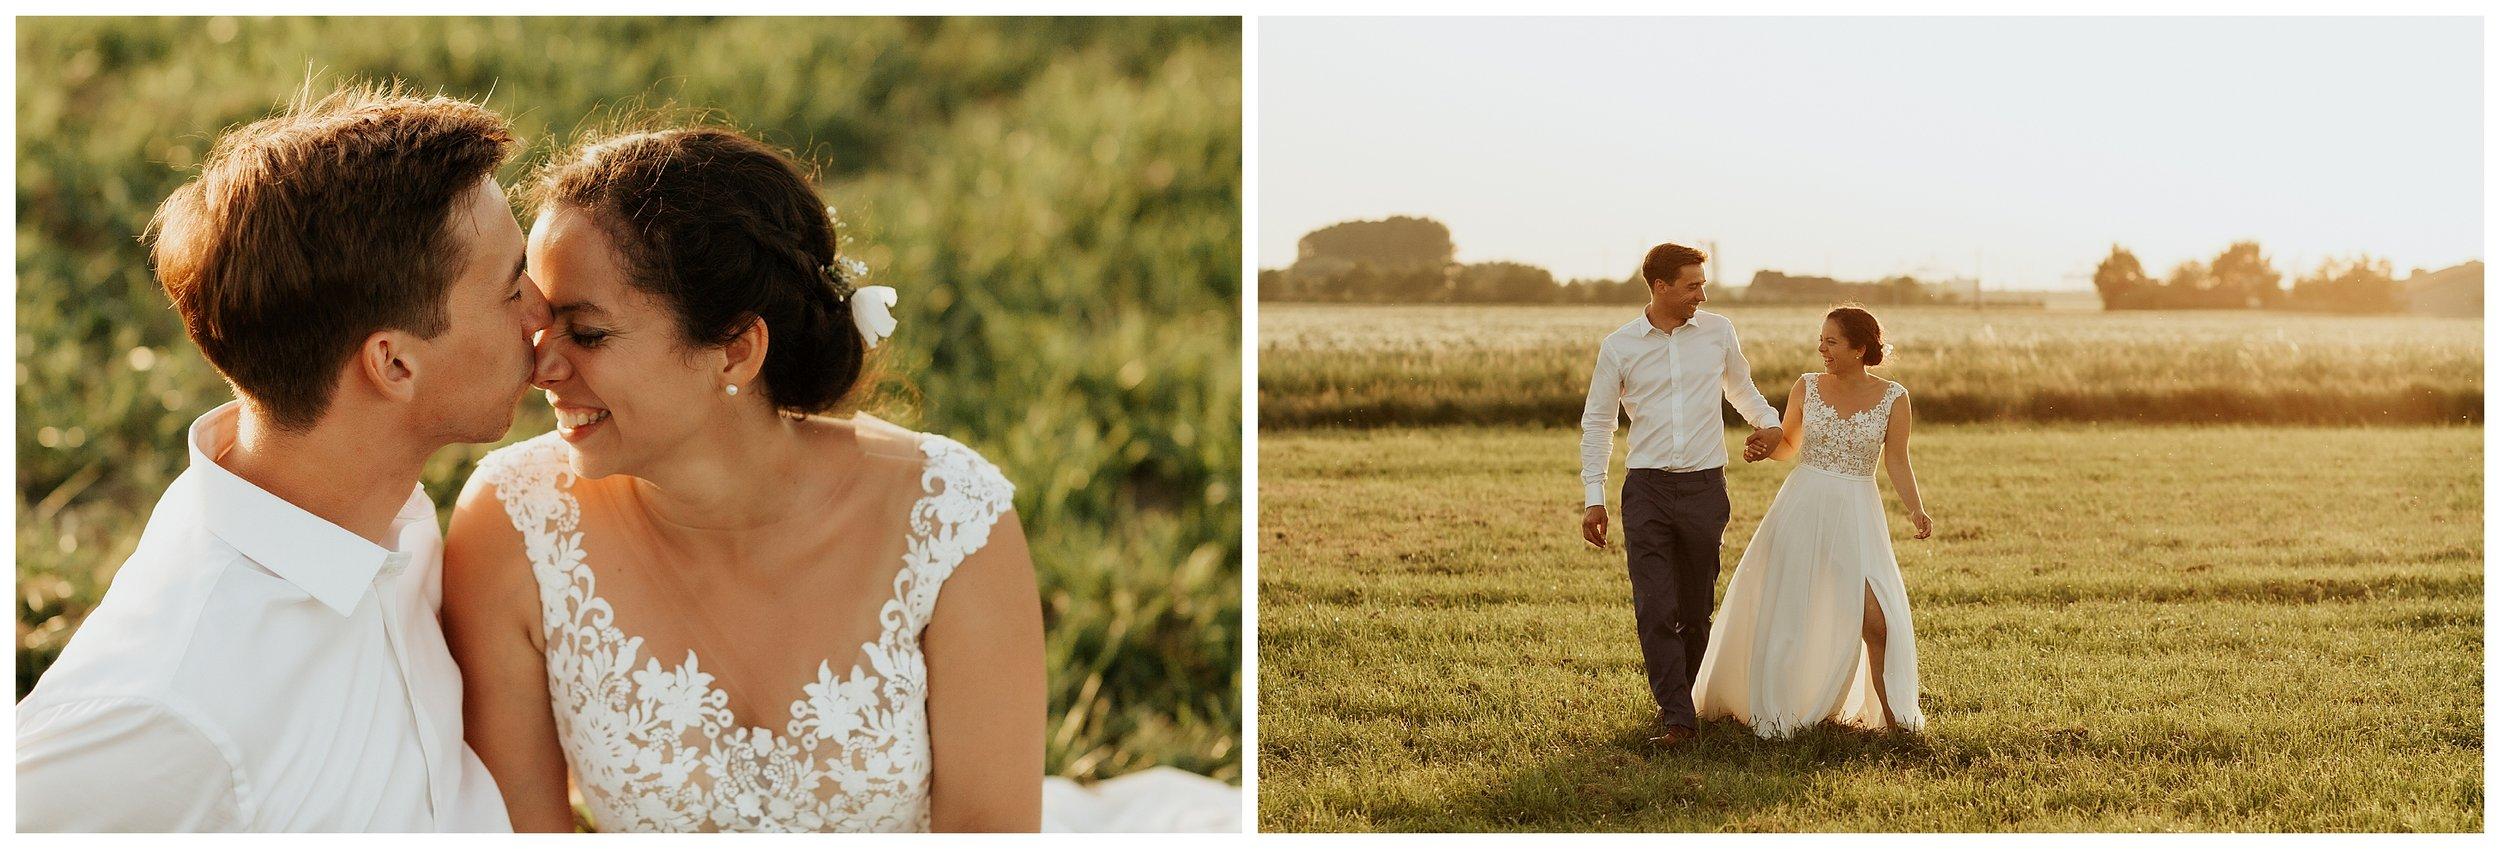 huwelijksfotograaf-huwelijksfotografie-knokke-heist-lisa-helsen-photography-trouwfotograaf-trouwfoto-sabine-pieter_0032.jpg